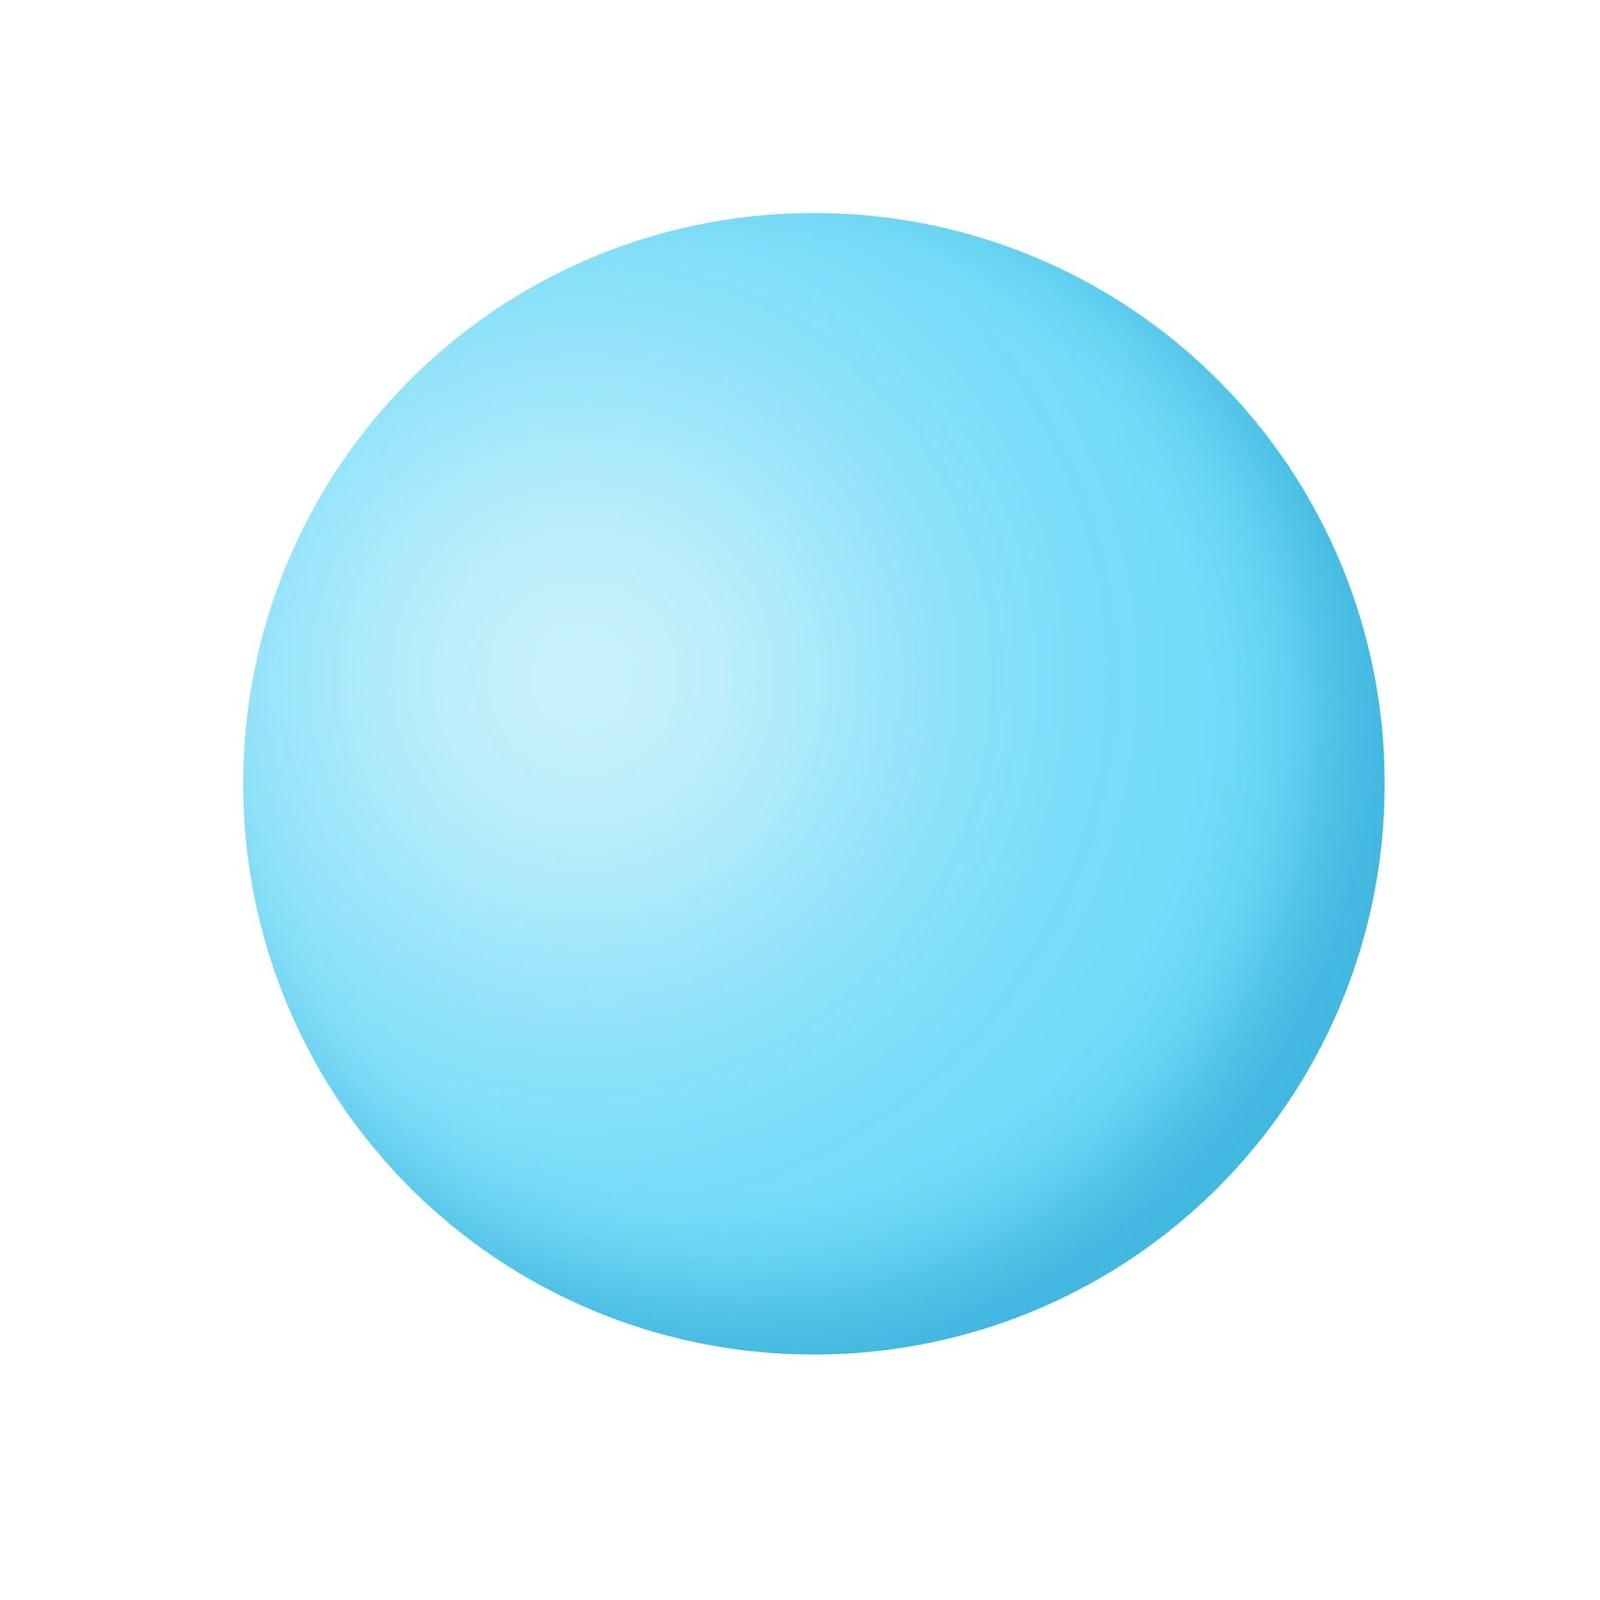 Bubble Clip Art Images Clipart Best-Bubble Clip Art Images Clipart Best-6